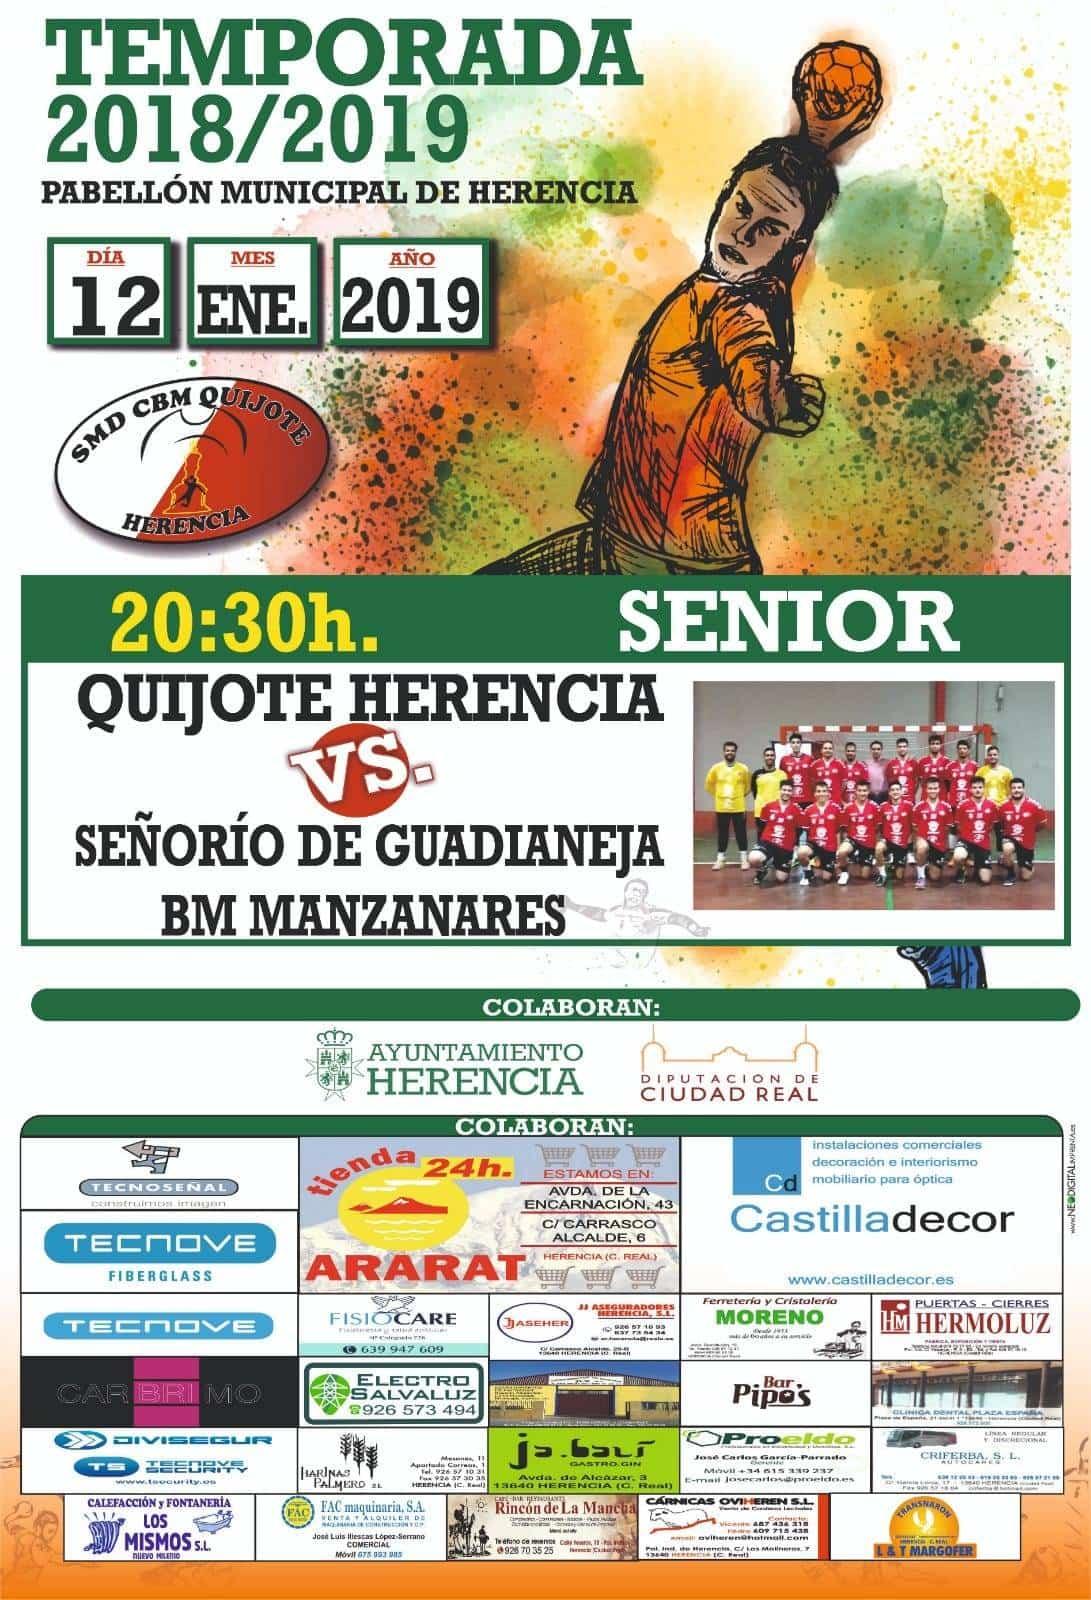 balonmano quijote herencia bm manzanares cartel completo - Balonmano en Herencia: Quijote Herencia vs BM Manzanares este 12 de enero